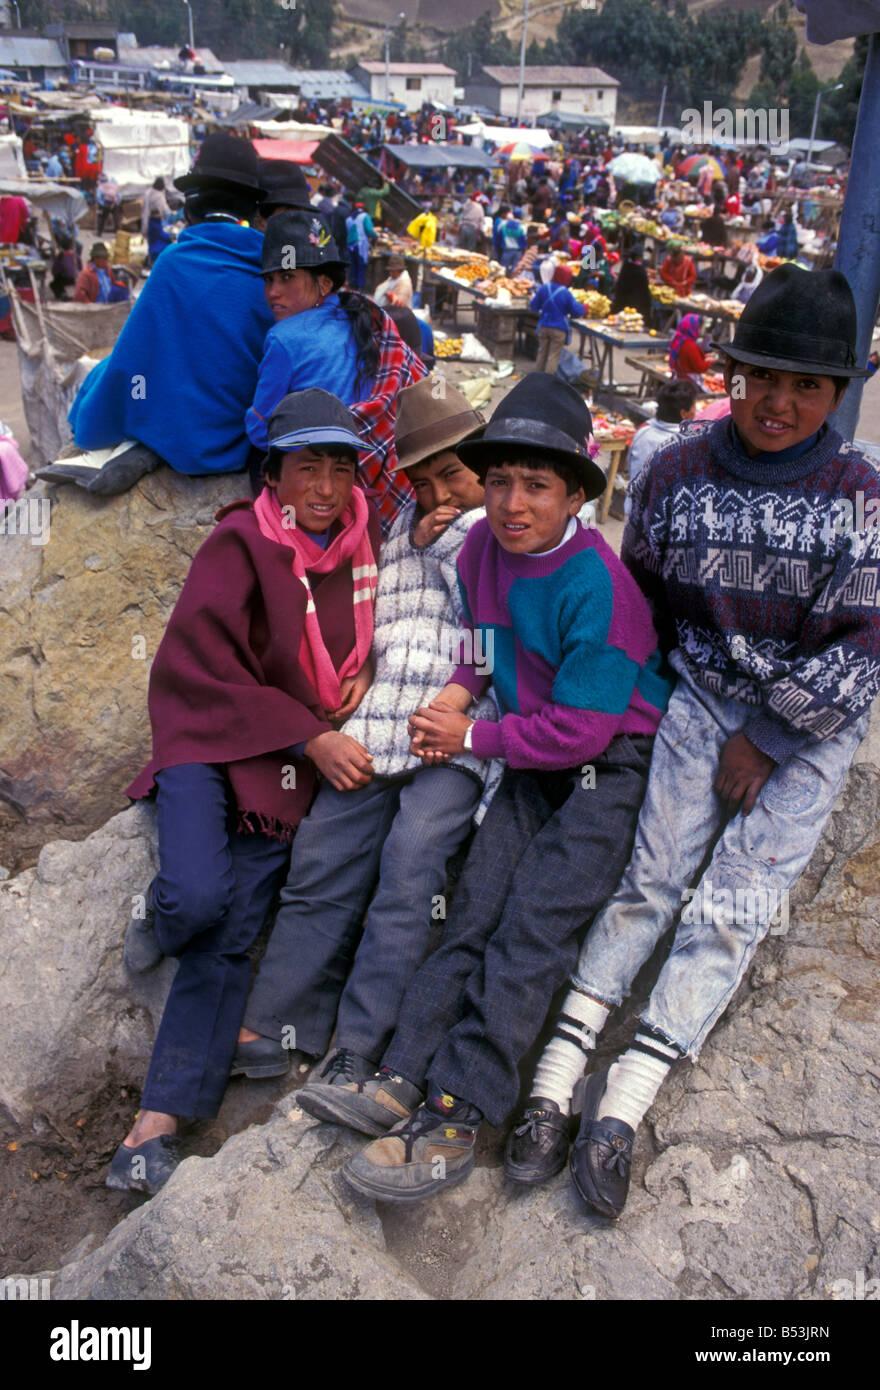 Ecuadorans, ecuadorianischen, Jungen, jungen, Kinder, Vorderansicht, indischen Markt, Markt, Marktplatz, zumbahua, Stockfoto